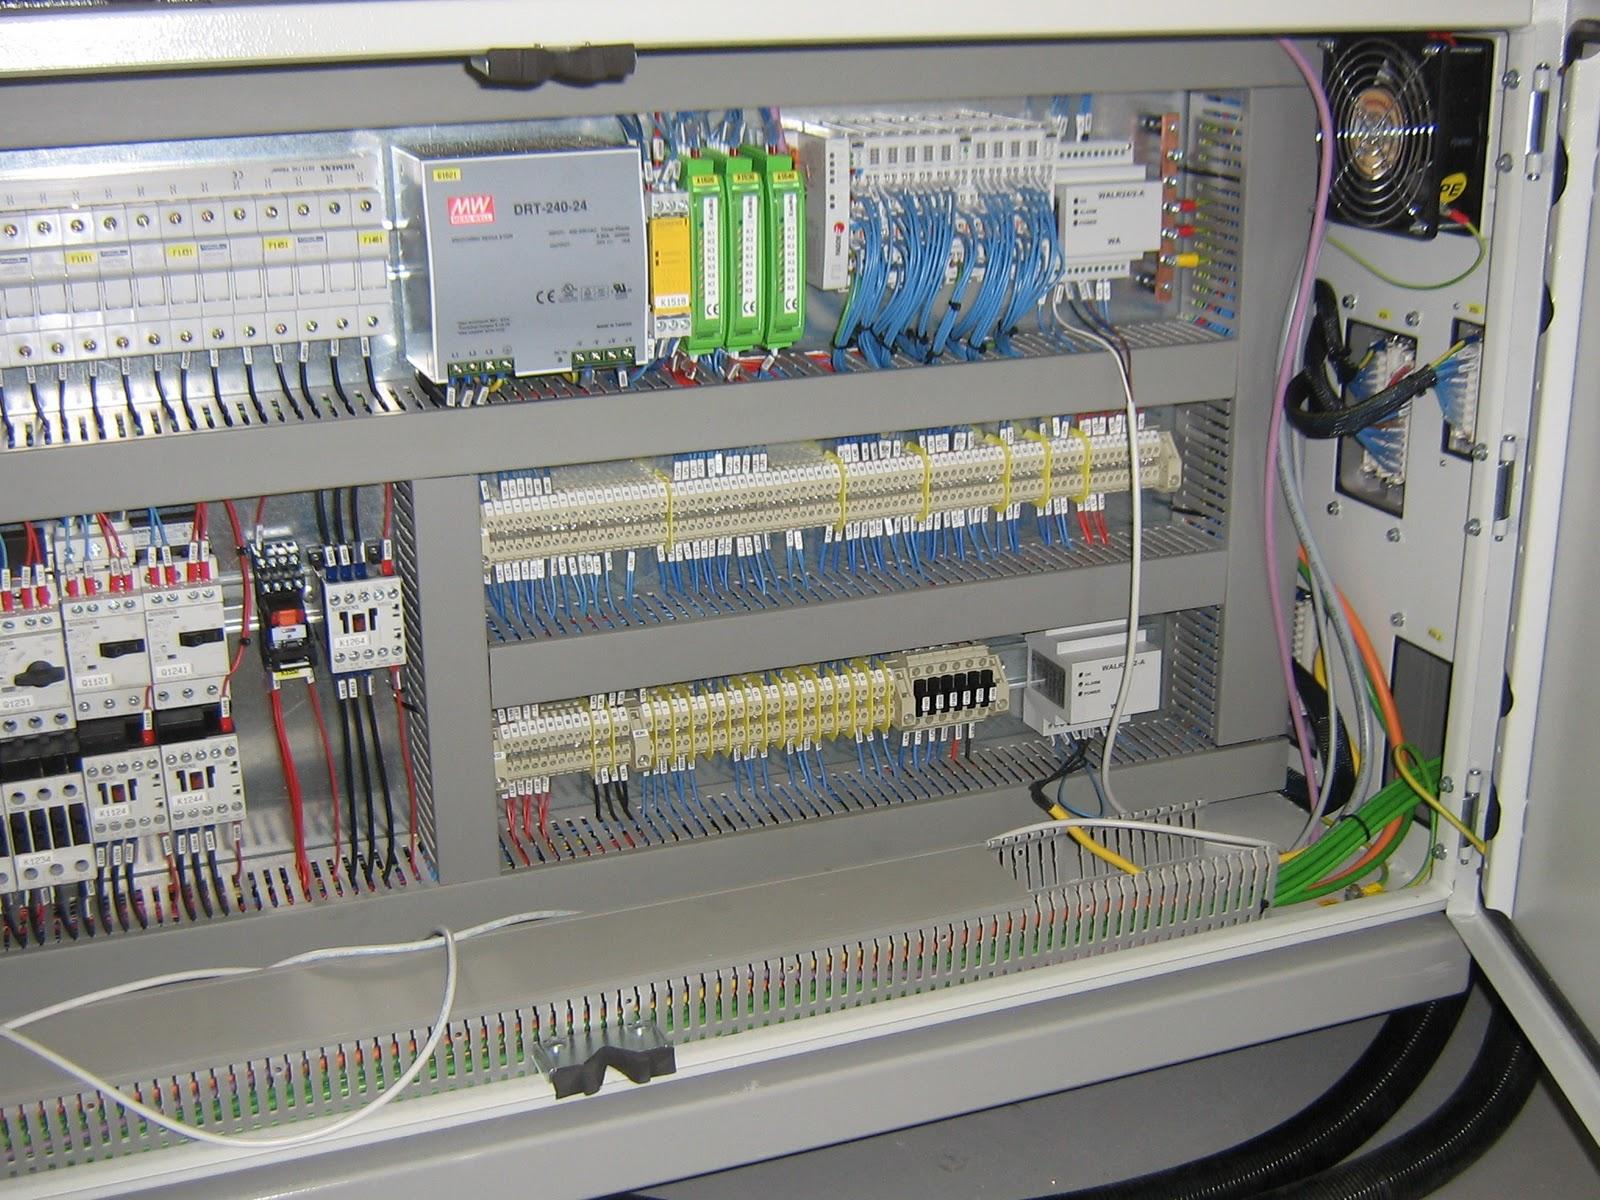 Schemi Elettrici Per Impianti Industriali : Applicazioni elettrotecniche dicembre